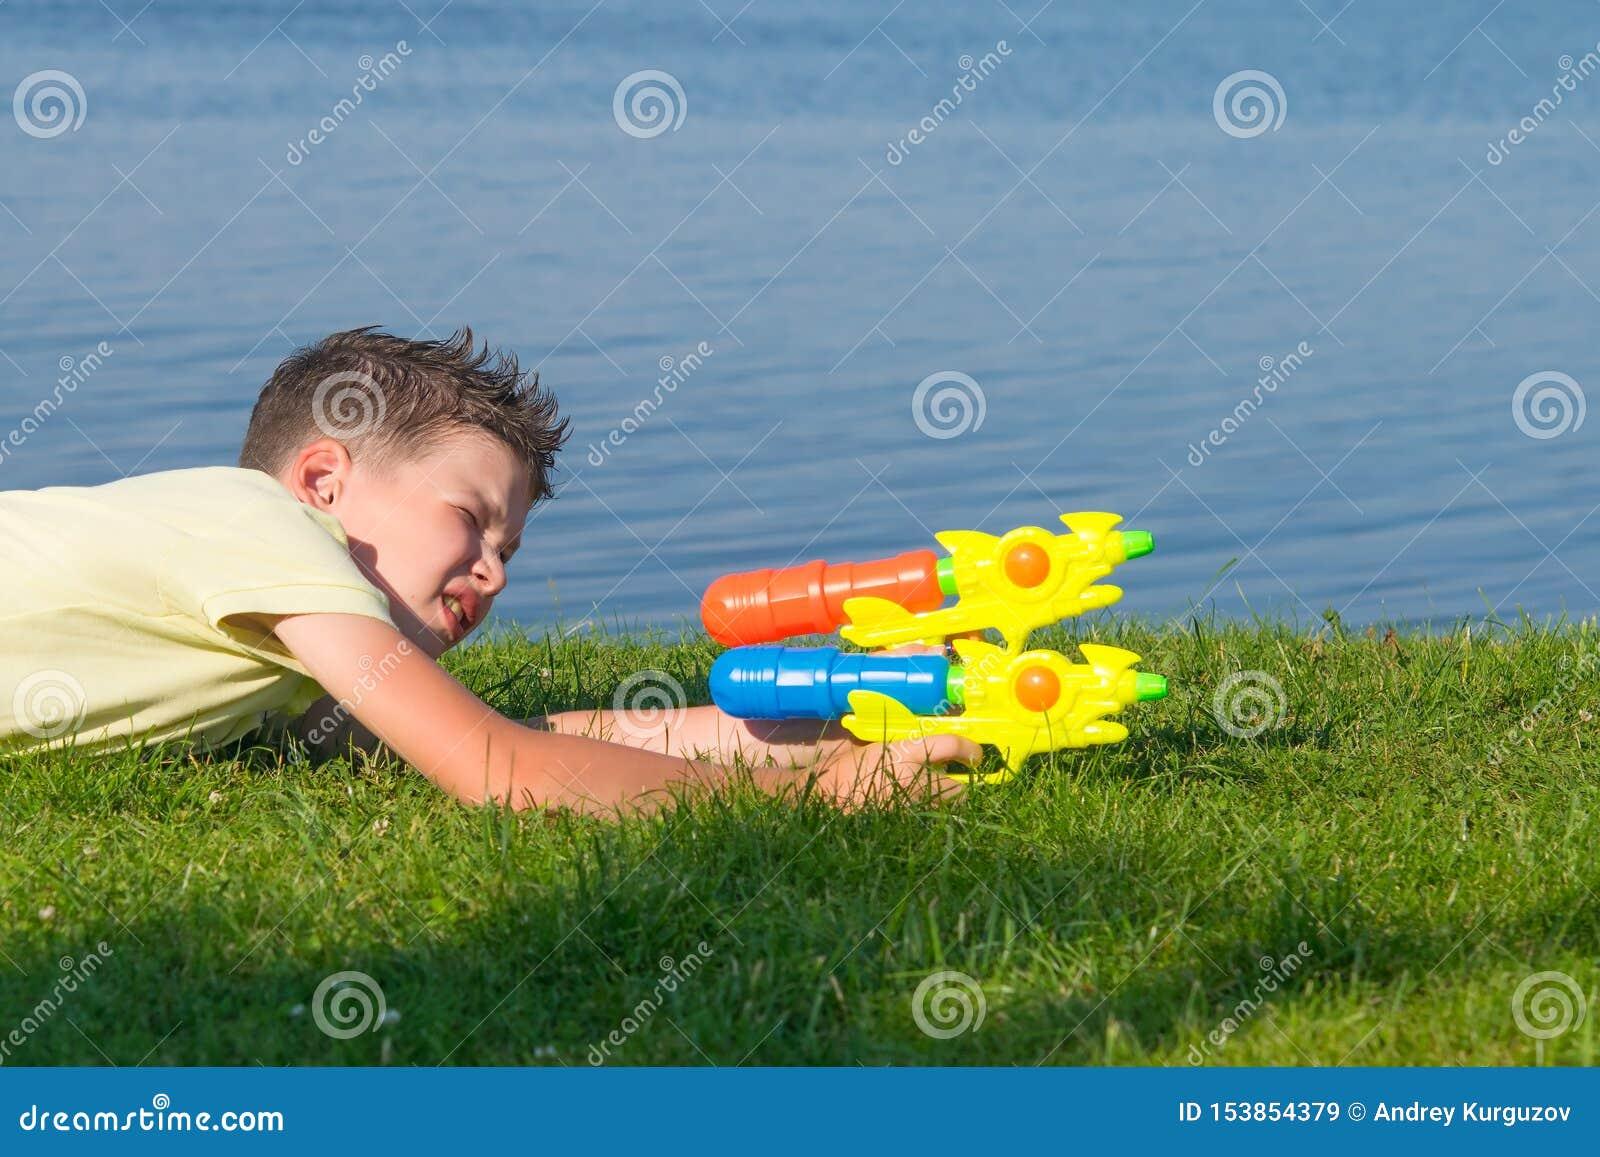 Le garçon, sur le fond d un beau paysage, jouant avec une arme à feu d eau, s ajuste sur la cible, plan rapproché